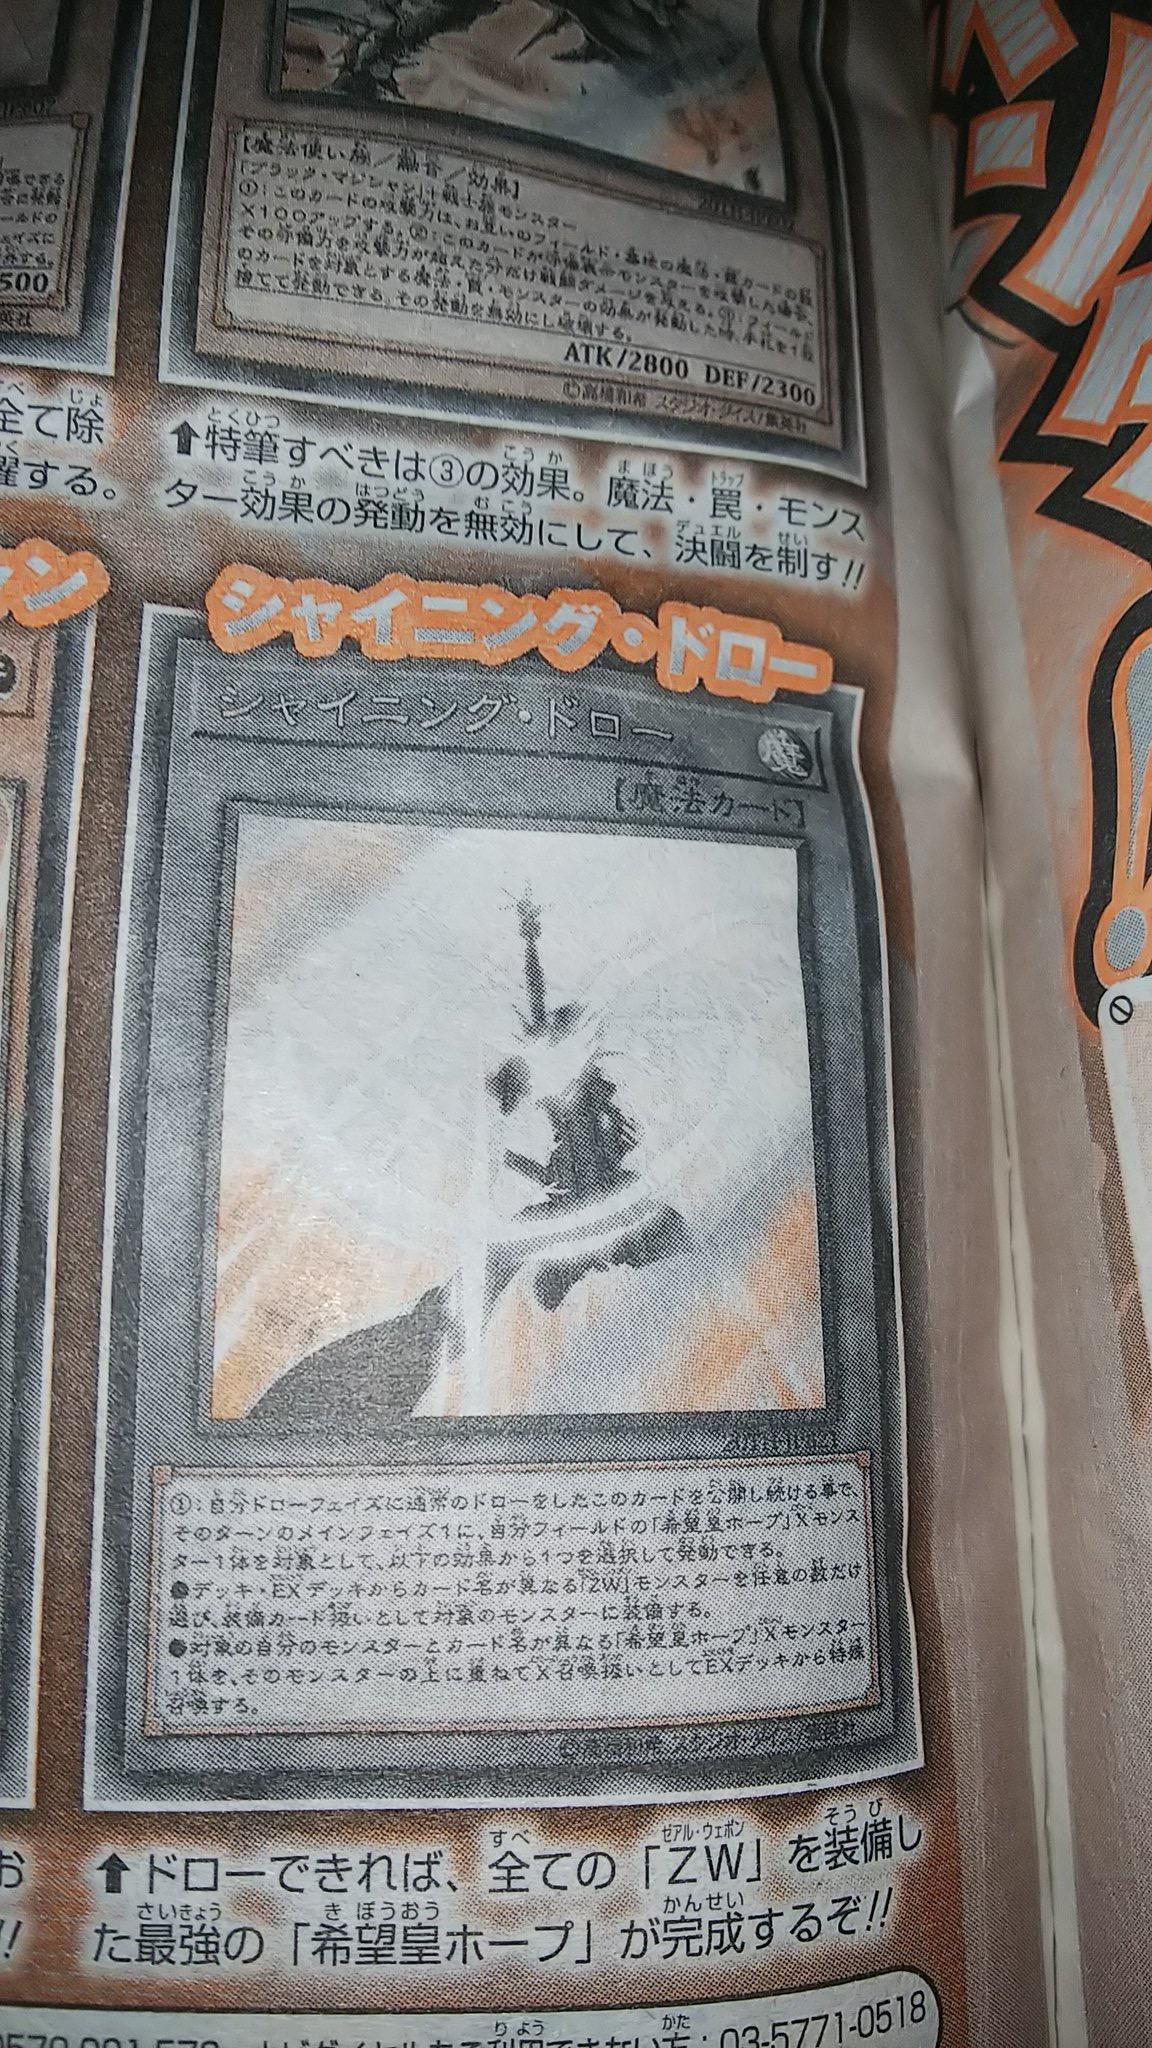 Νέες Κυκλοφορίες στο Yu-Gi-Oh! OCG - Σελίδα 37 F9CA51CA-0515-4ACD-9591-6906266169F6